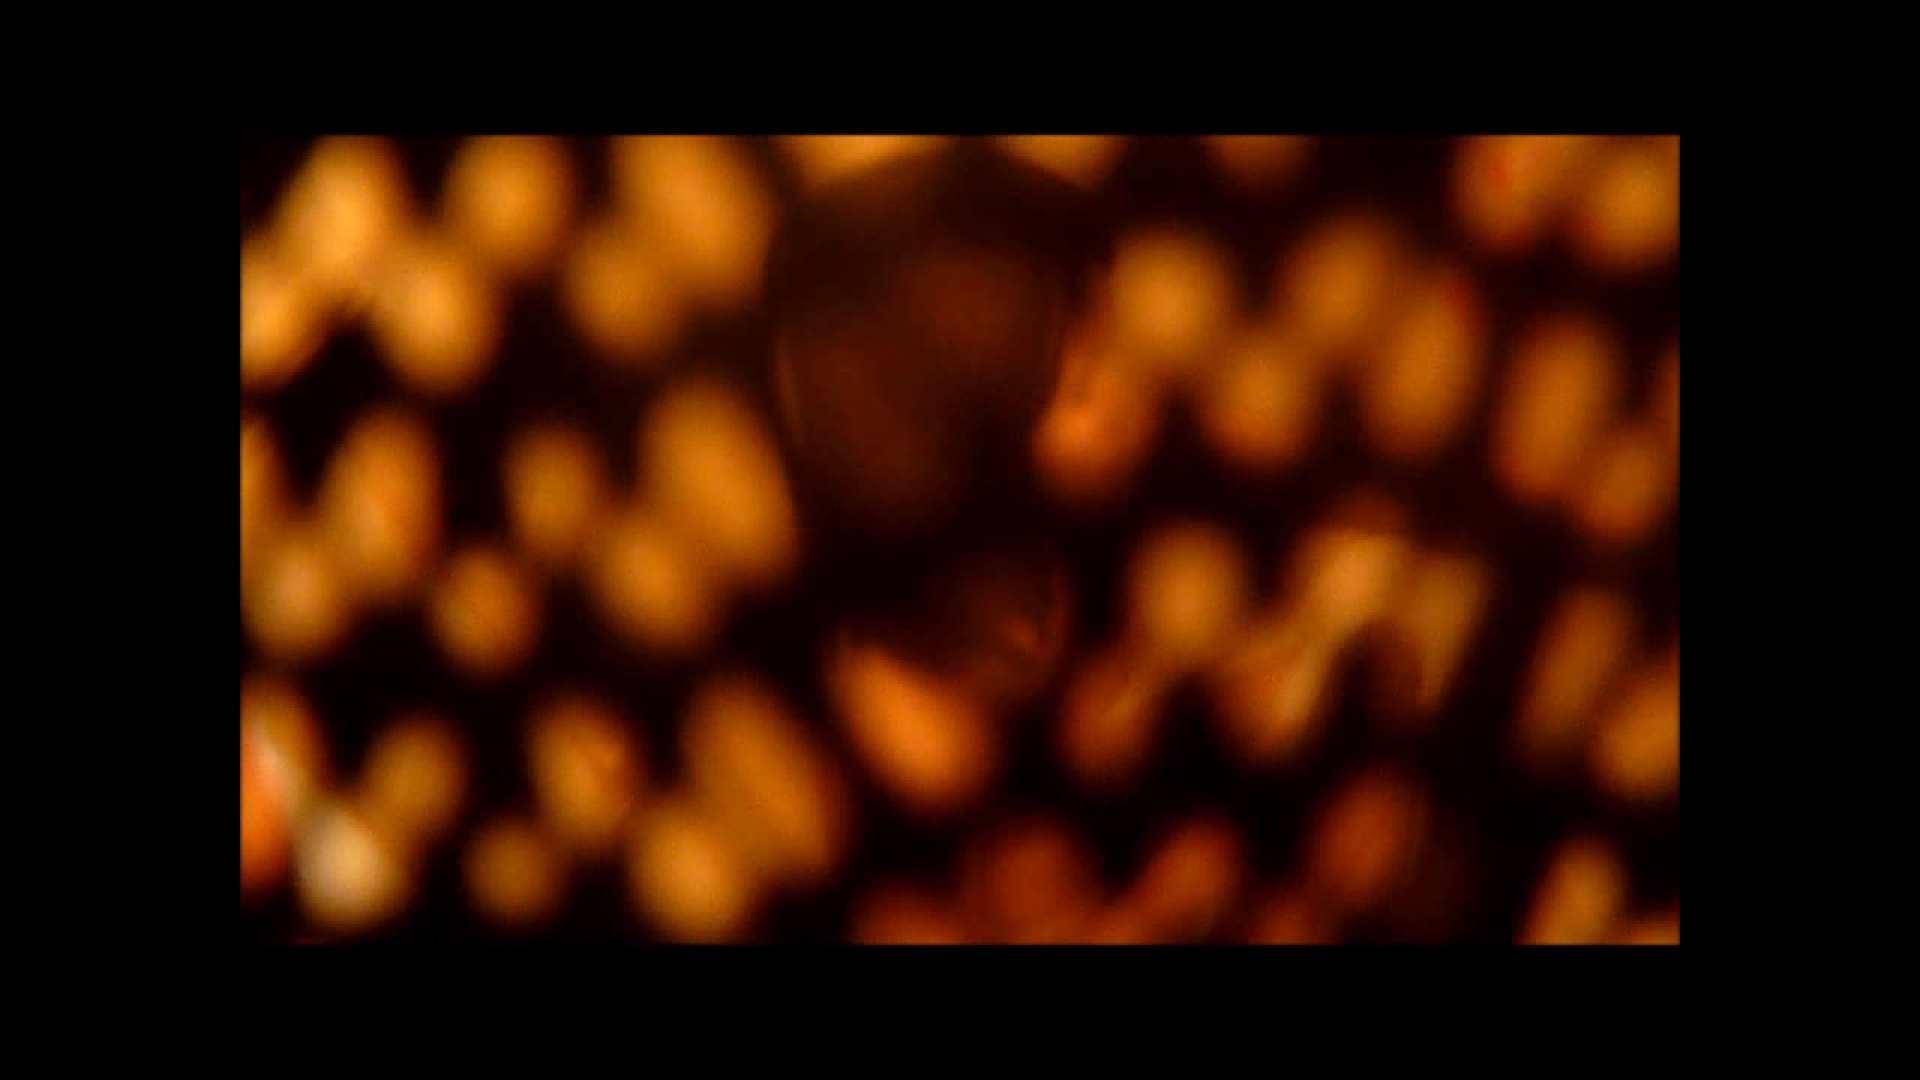 【02】ベランダに侵入して張り込みを始めて・・・やっと結果が出ました。 マンコ特集 | オマンコ丸見え  25連発